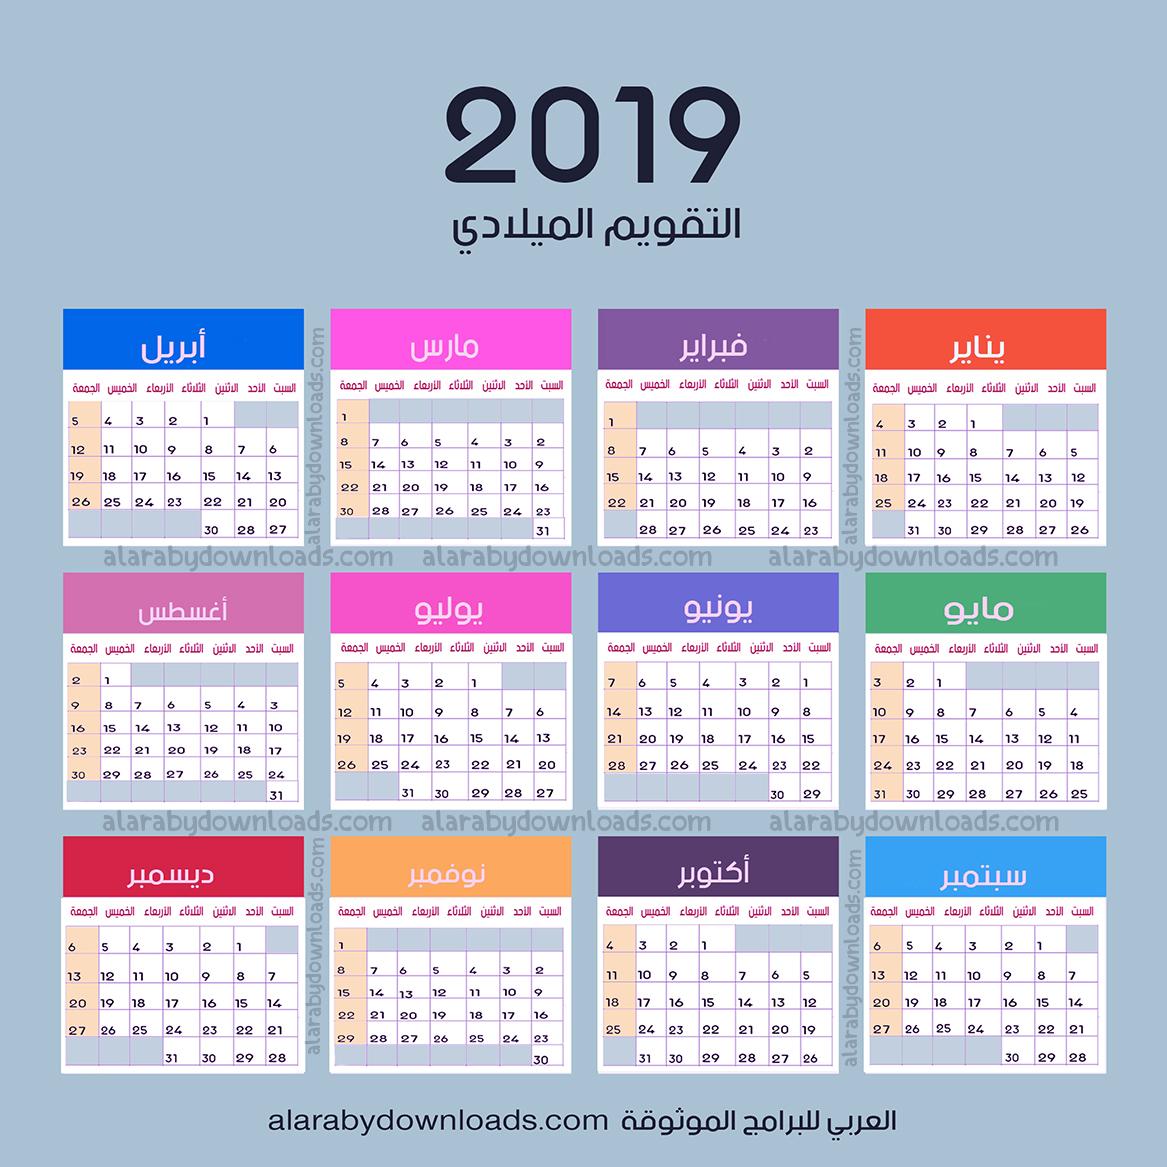 تحميل تقويم 2019 الميلادي 2019 Gregorian Calendar